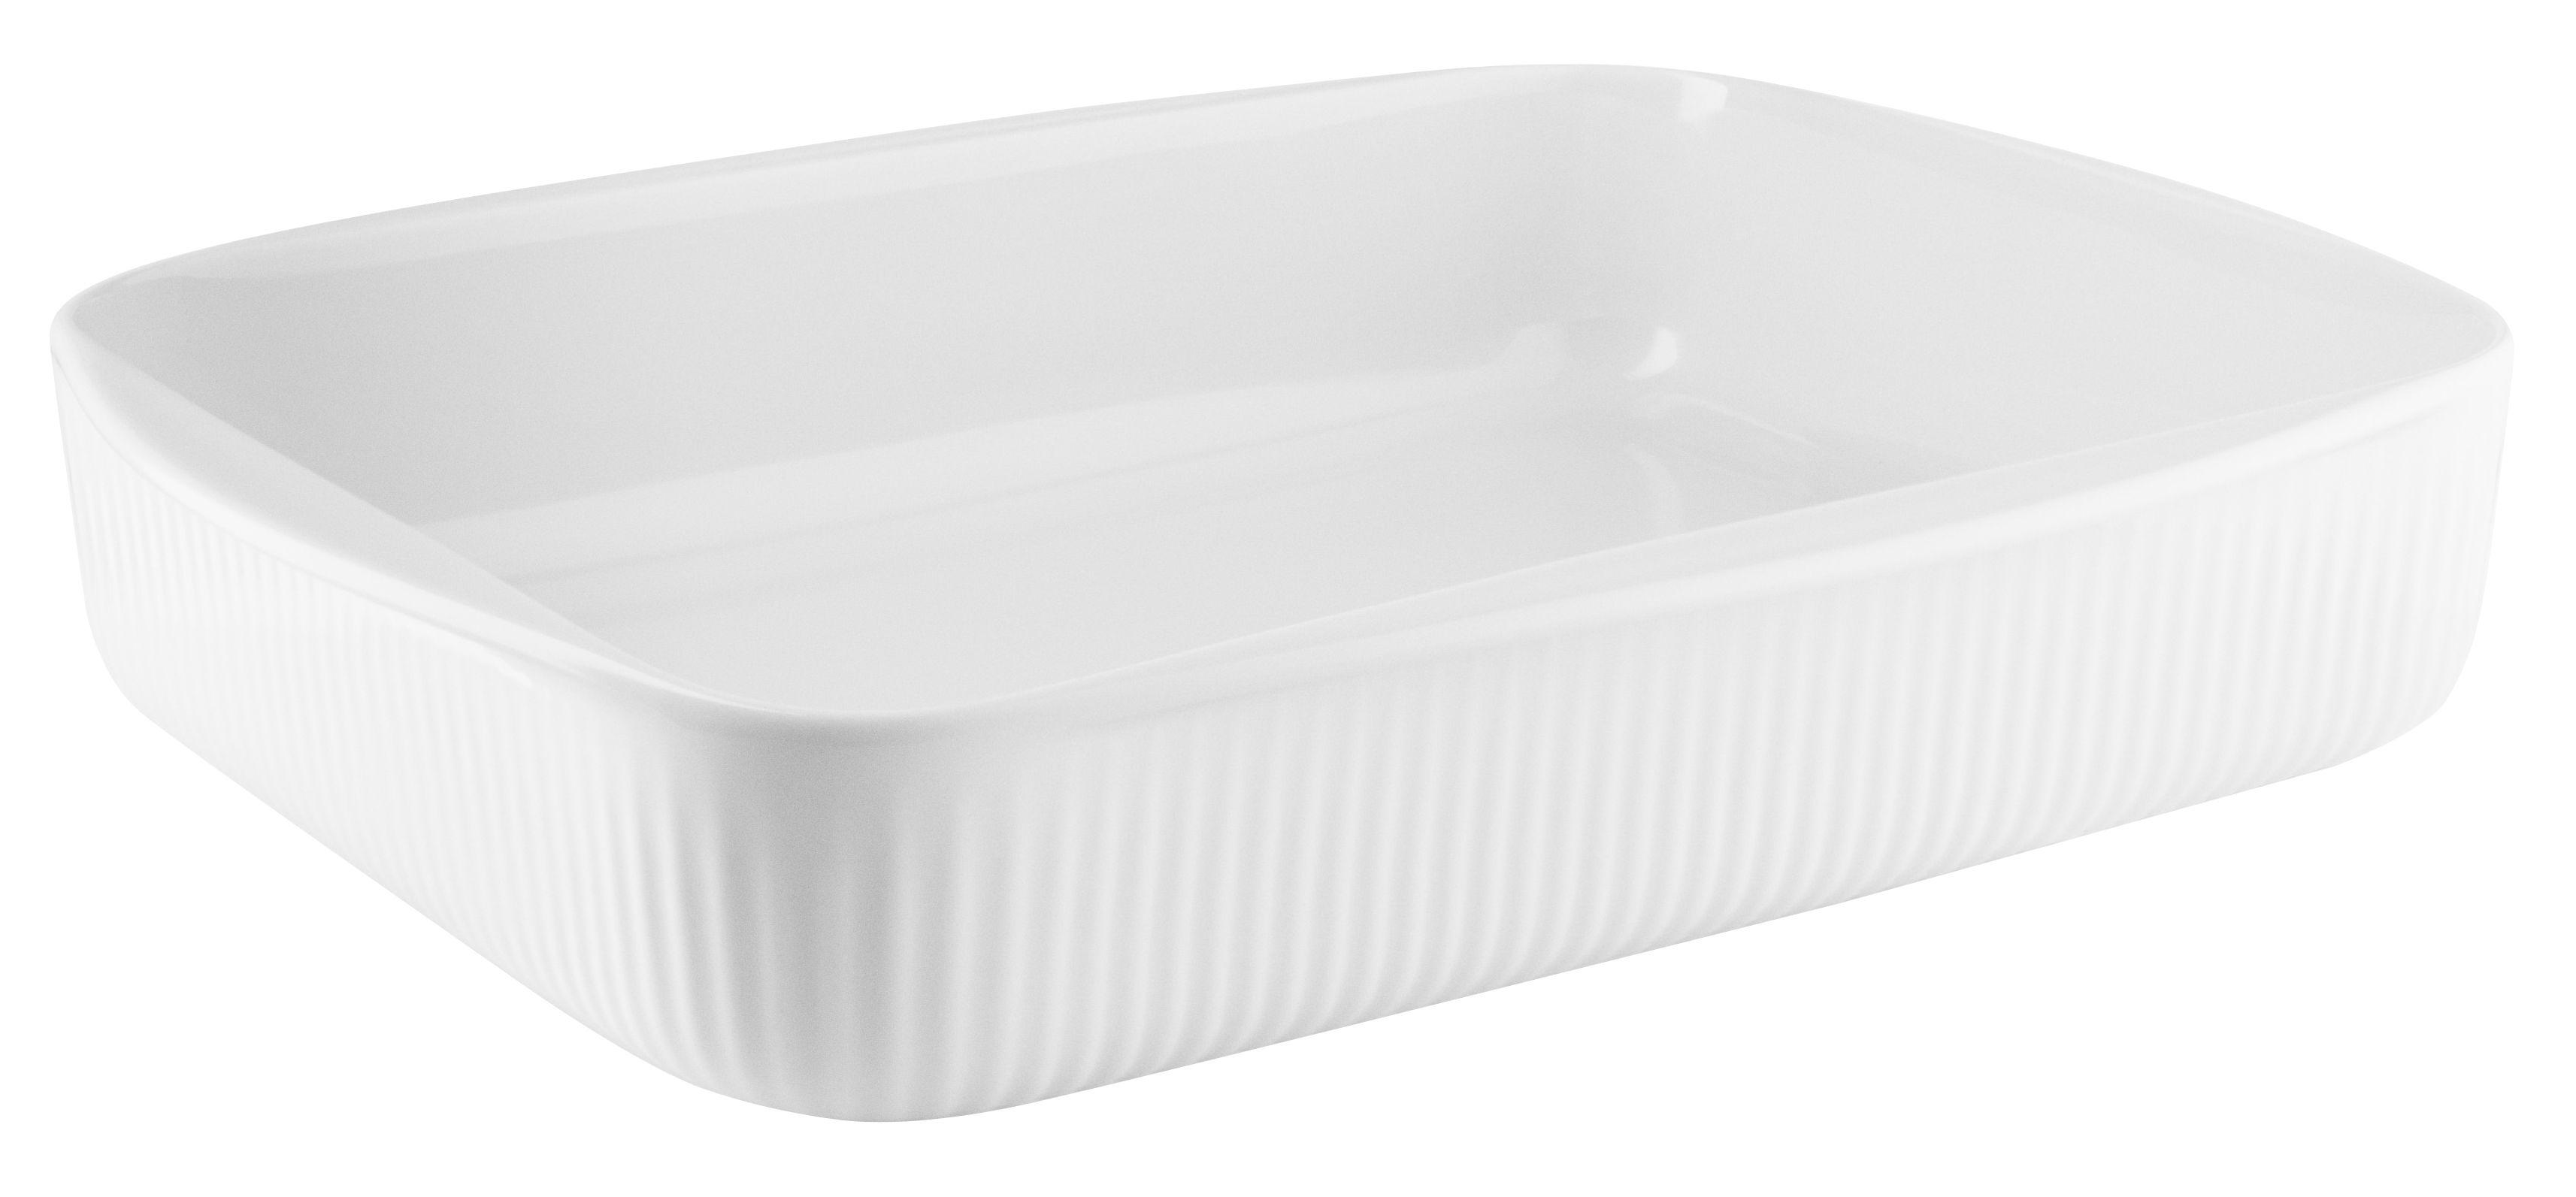 Arts de la table - Plats - Plat à gratin Legio Nova / Medium - 31 x 24,5 cm - Eva Trio - Medium / Blanc - Porcelaine